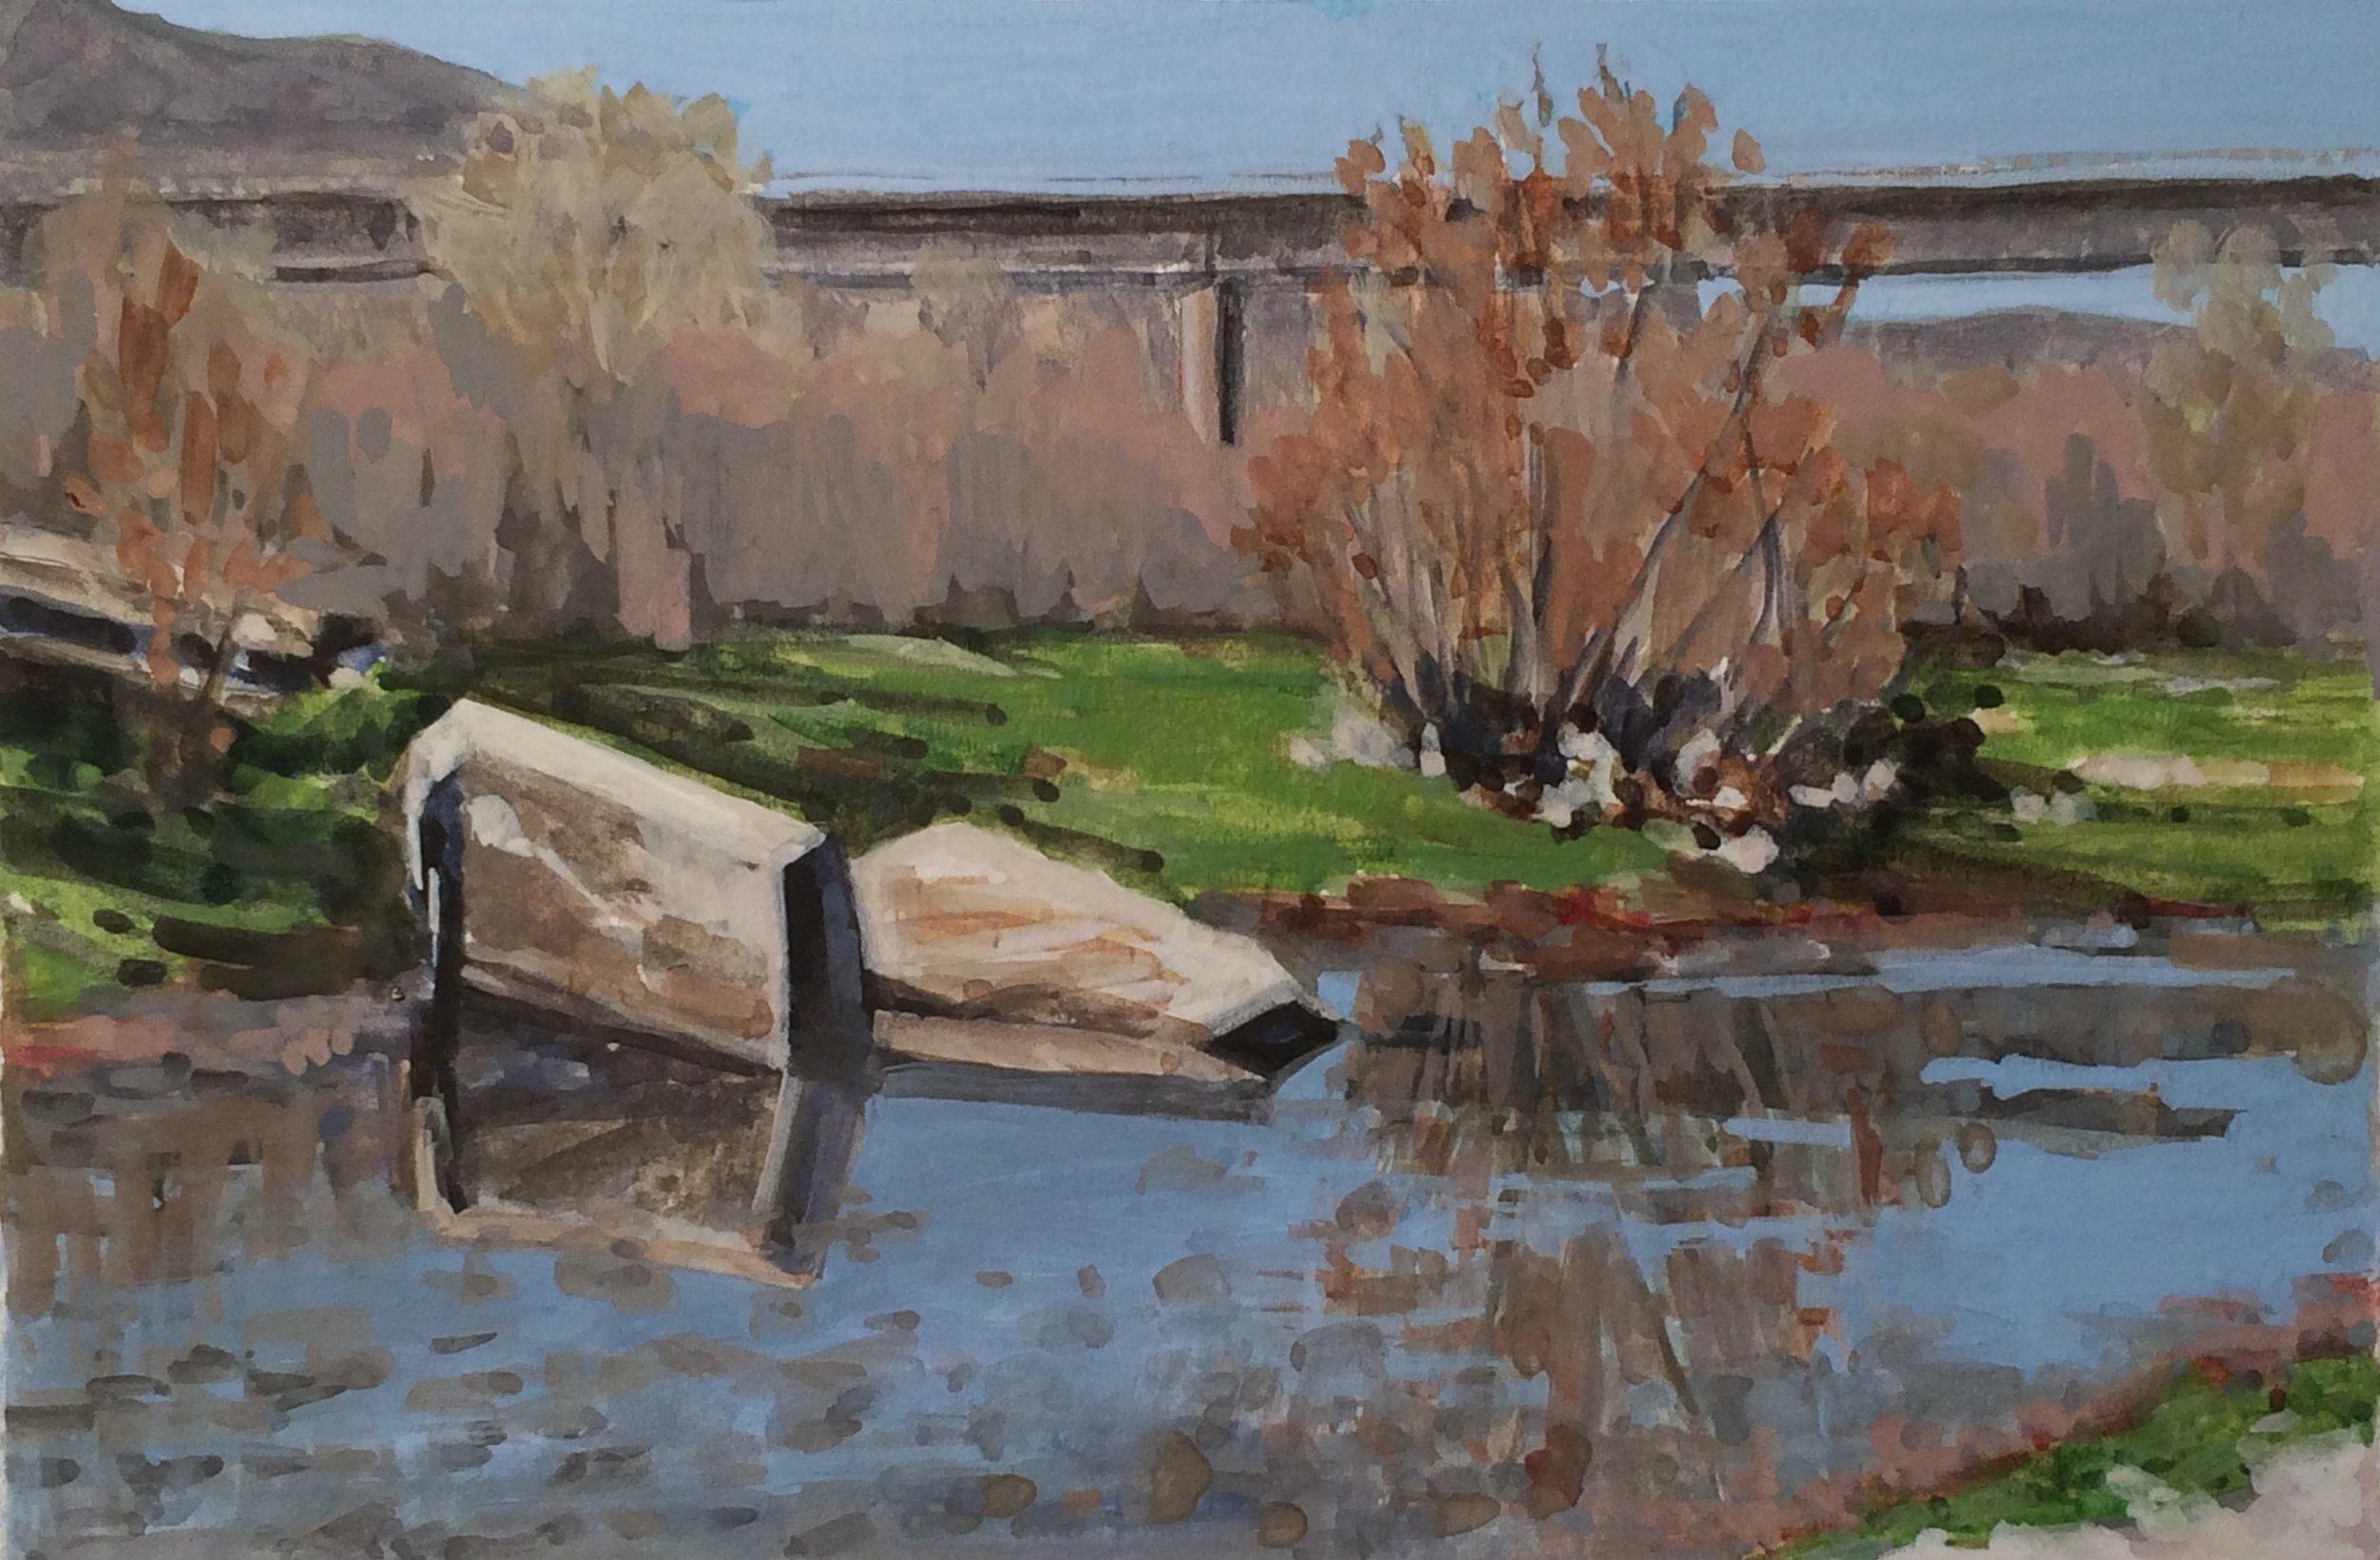 River Rubble, Santa Ynez River, gouache by Nina Warner